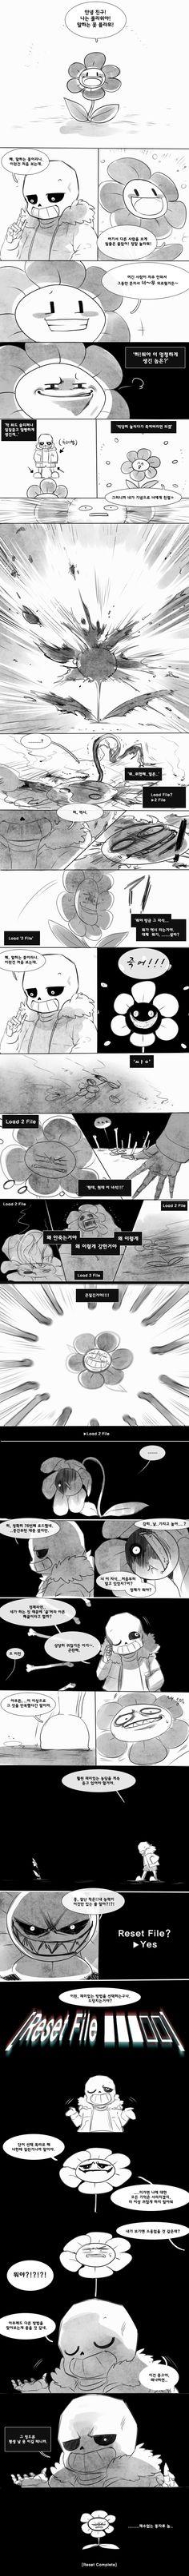 Sans and Flowey - comic